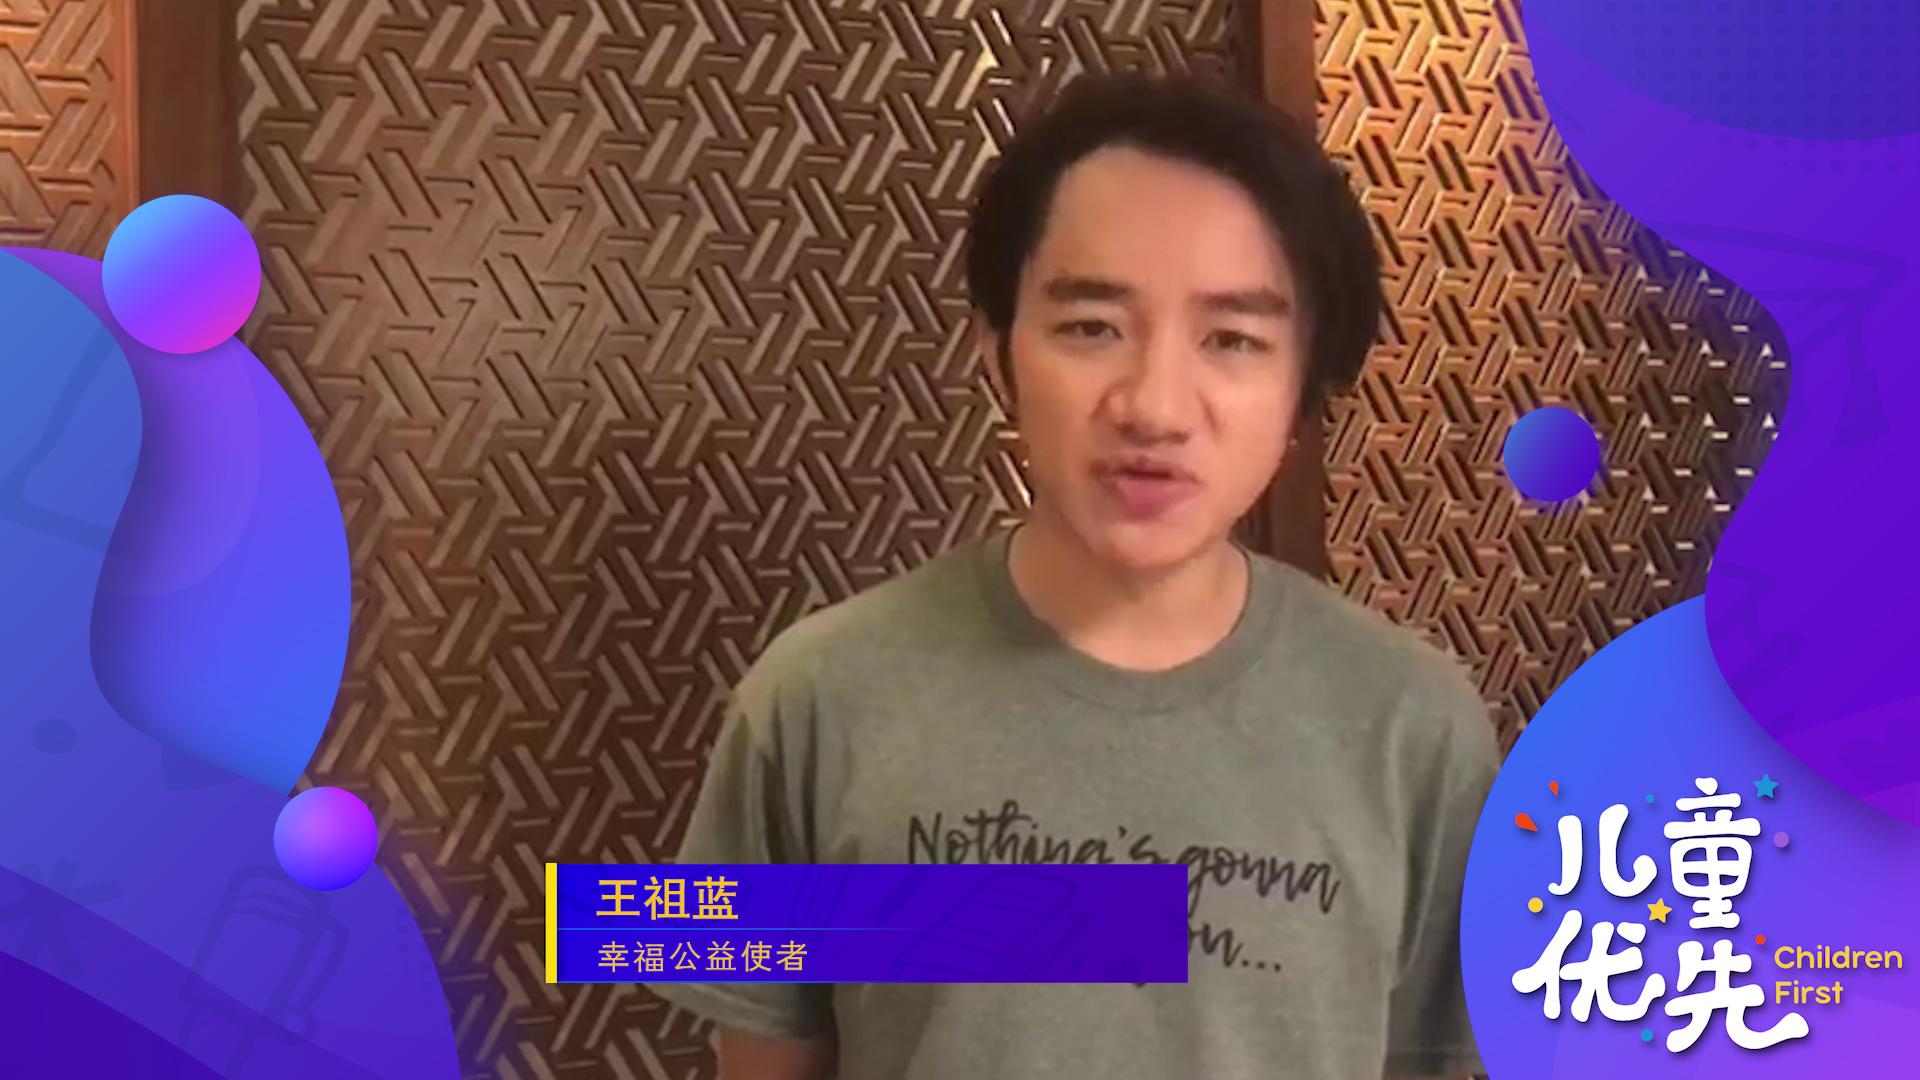 明星助力儿童优先:王祖蓝